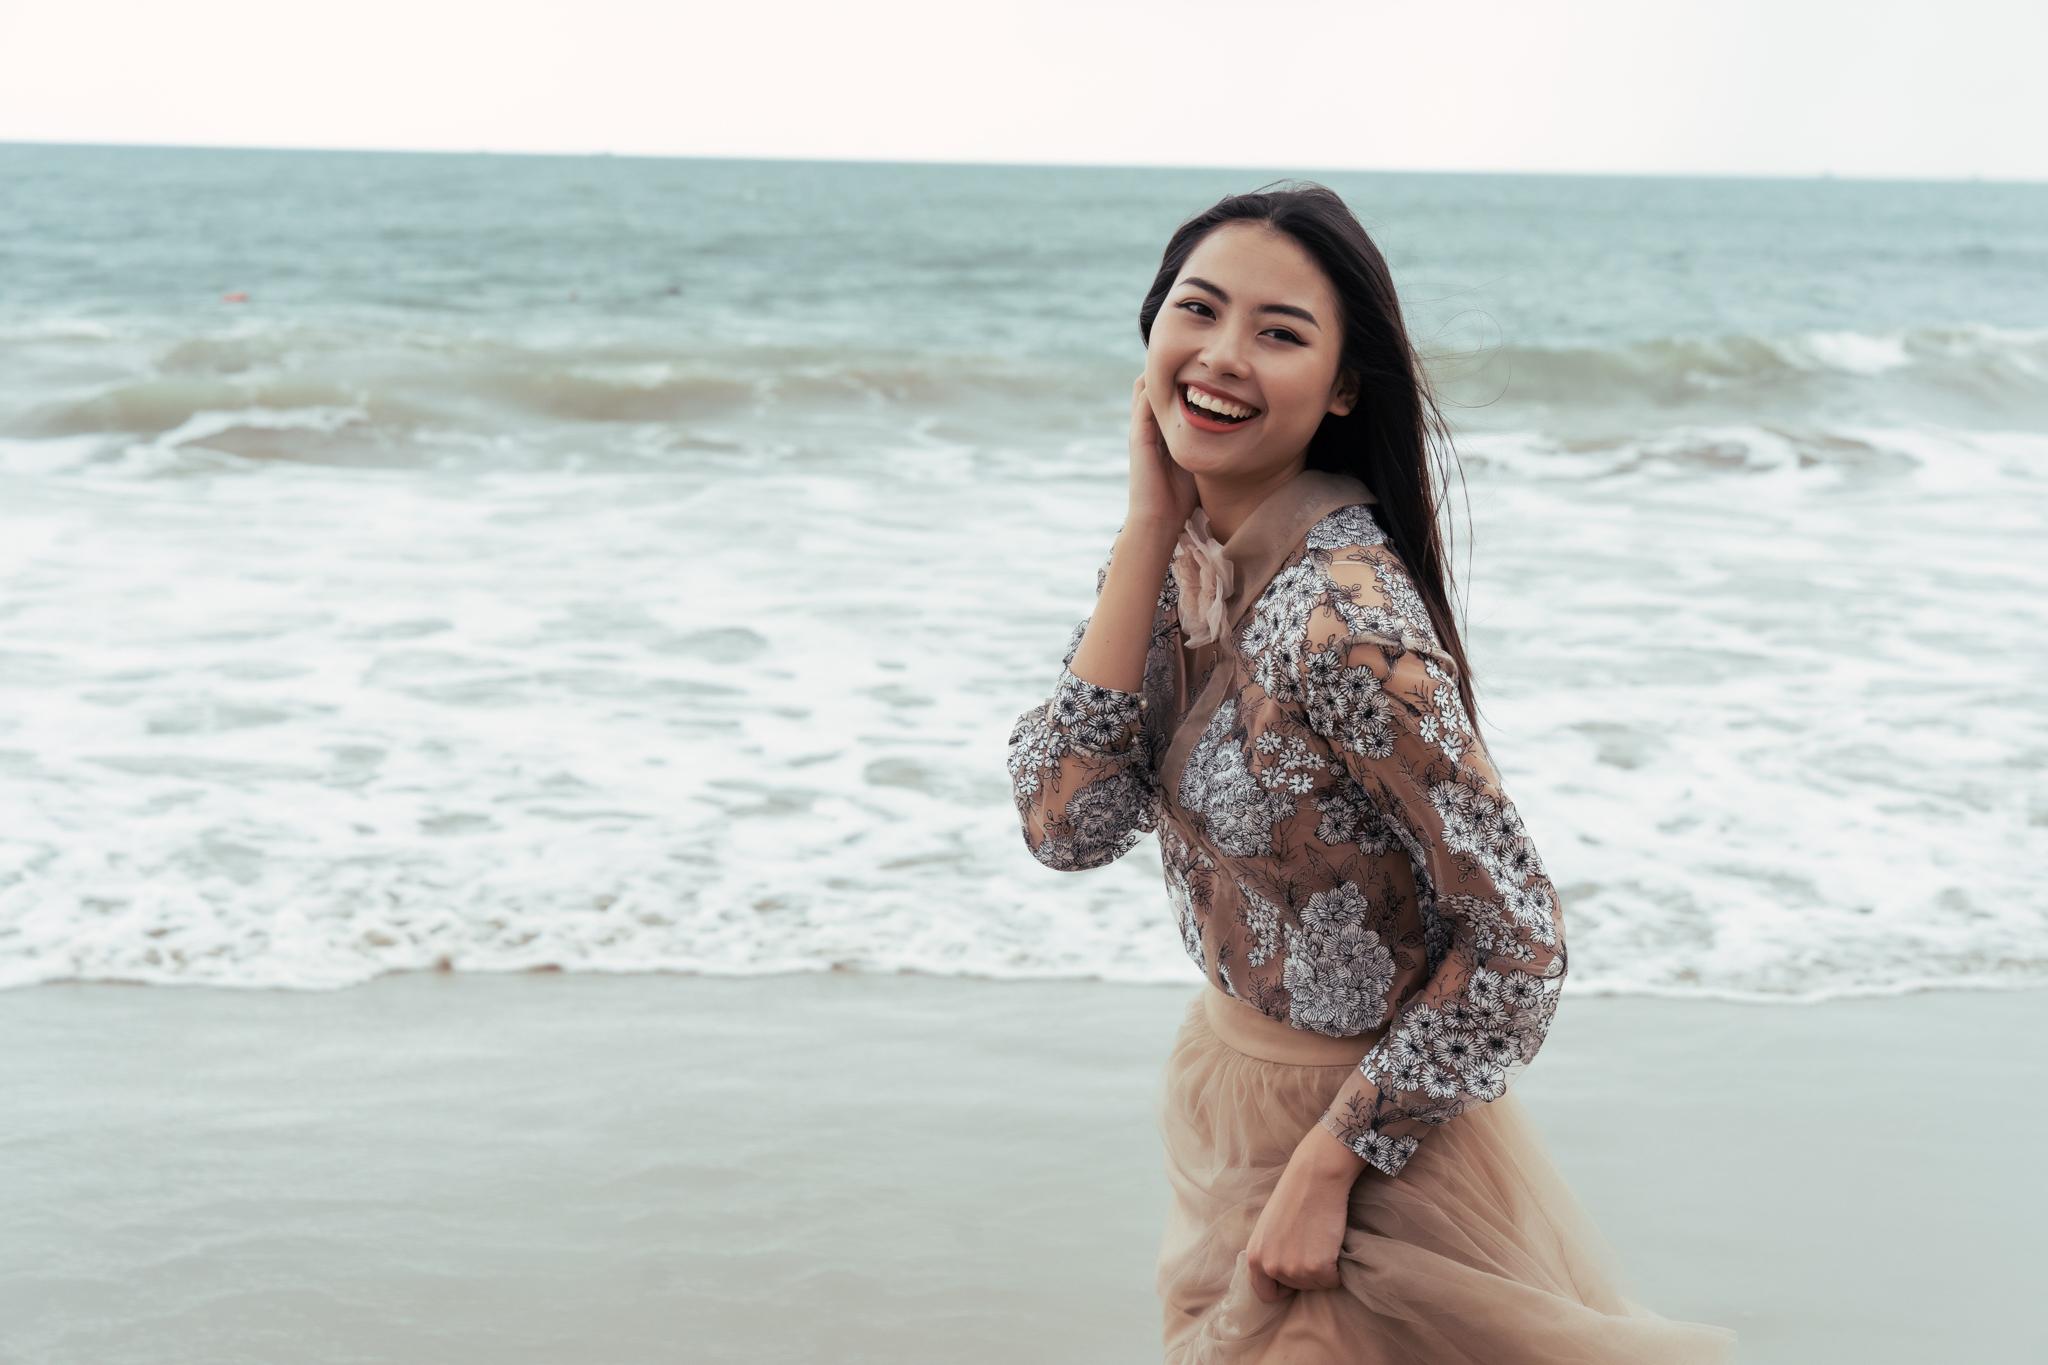 Top 45 thí sinh HHHV Việt Nam 2019 hóa nàng thơ tại bãi biển Nhũ Tiên6